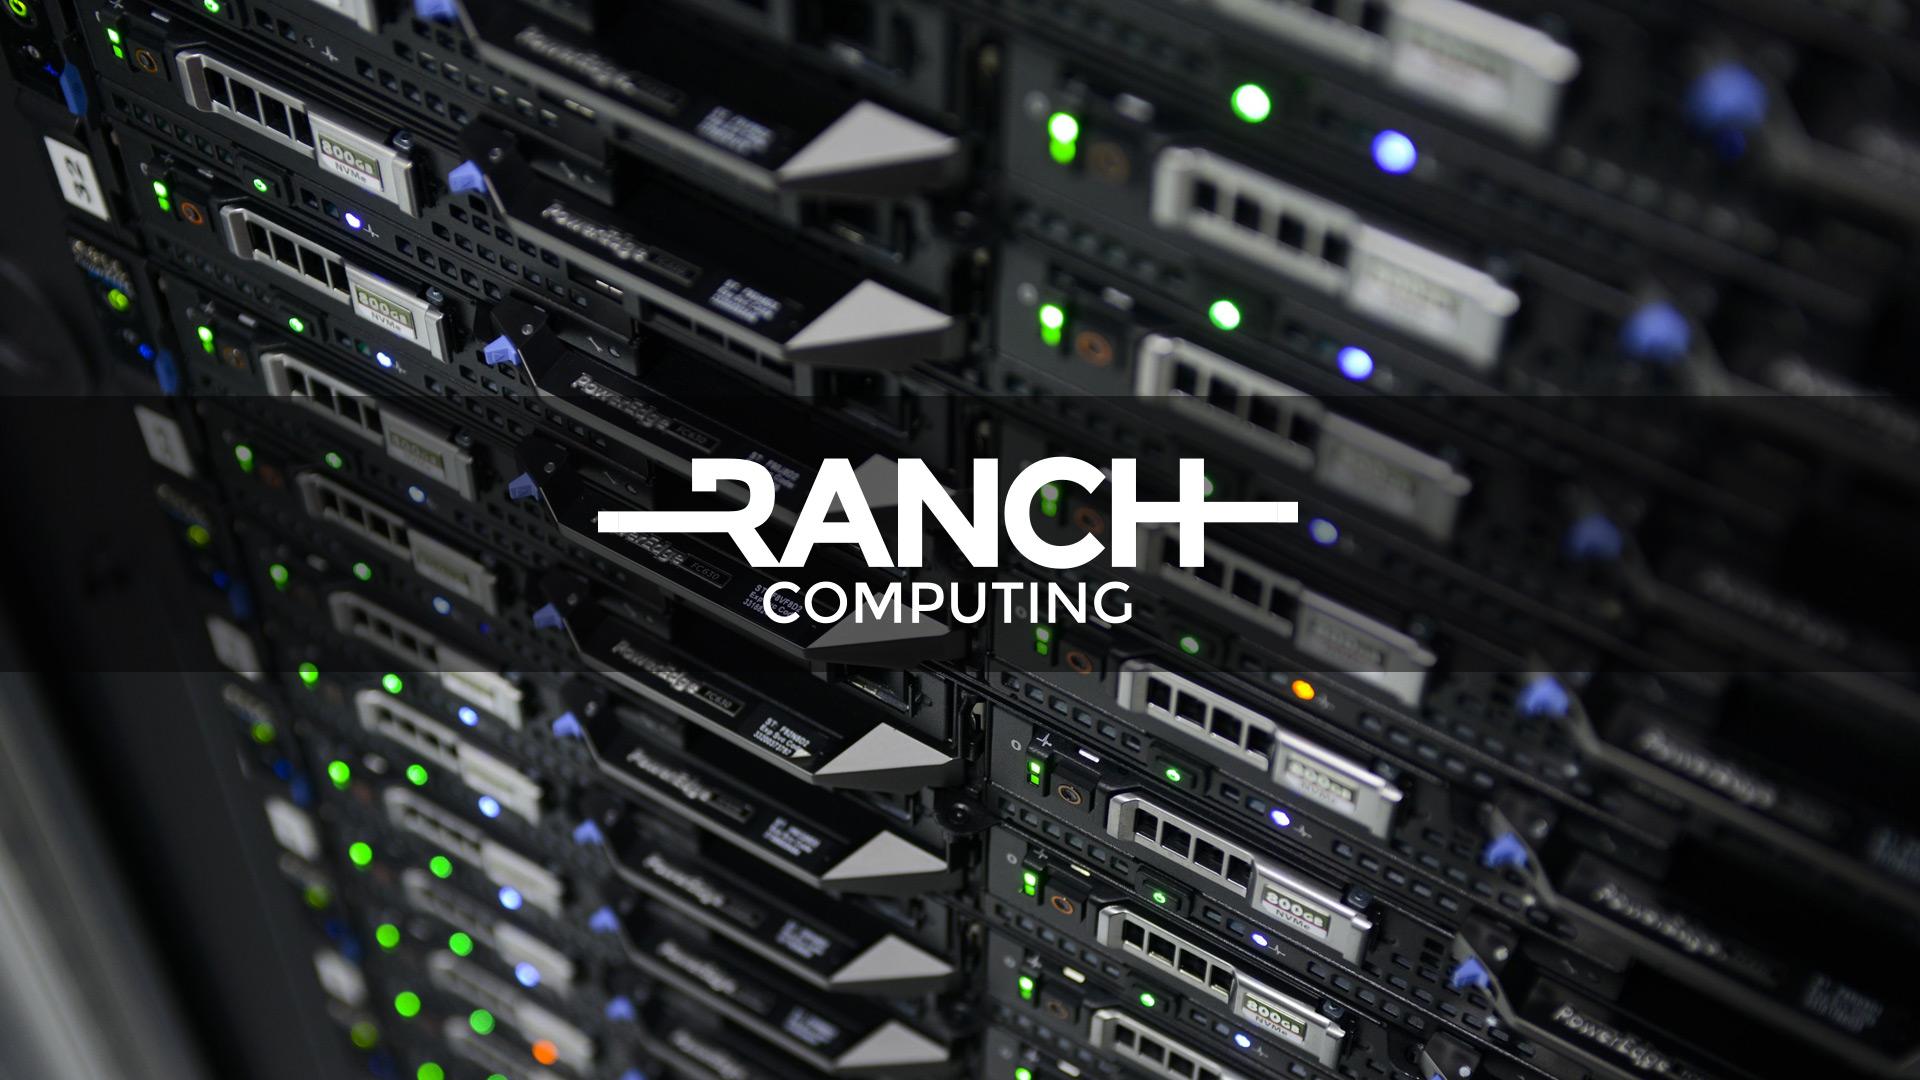 Ranch Computing - Partenaire - Prestataire technique - Le Graphiste 3D